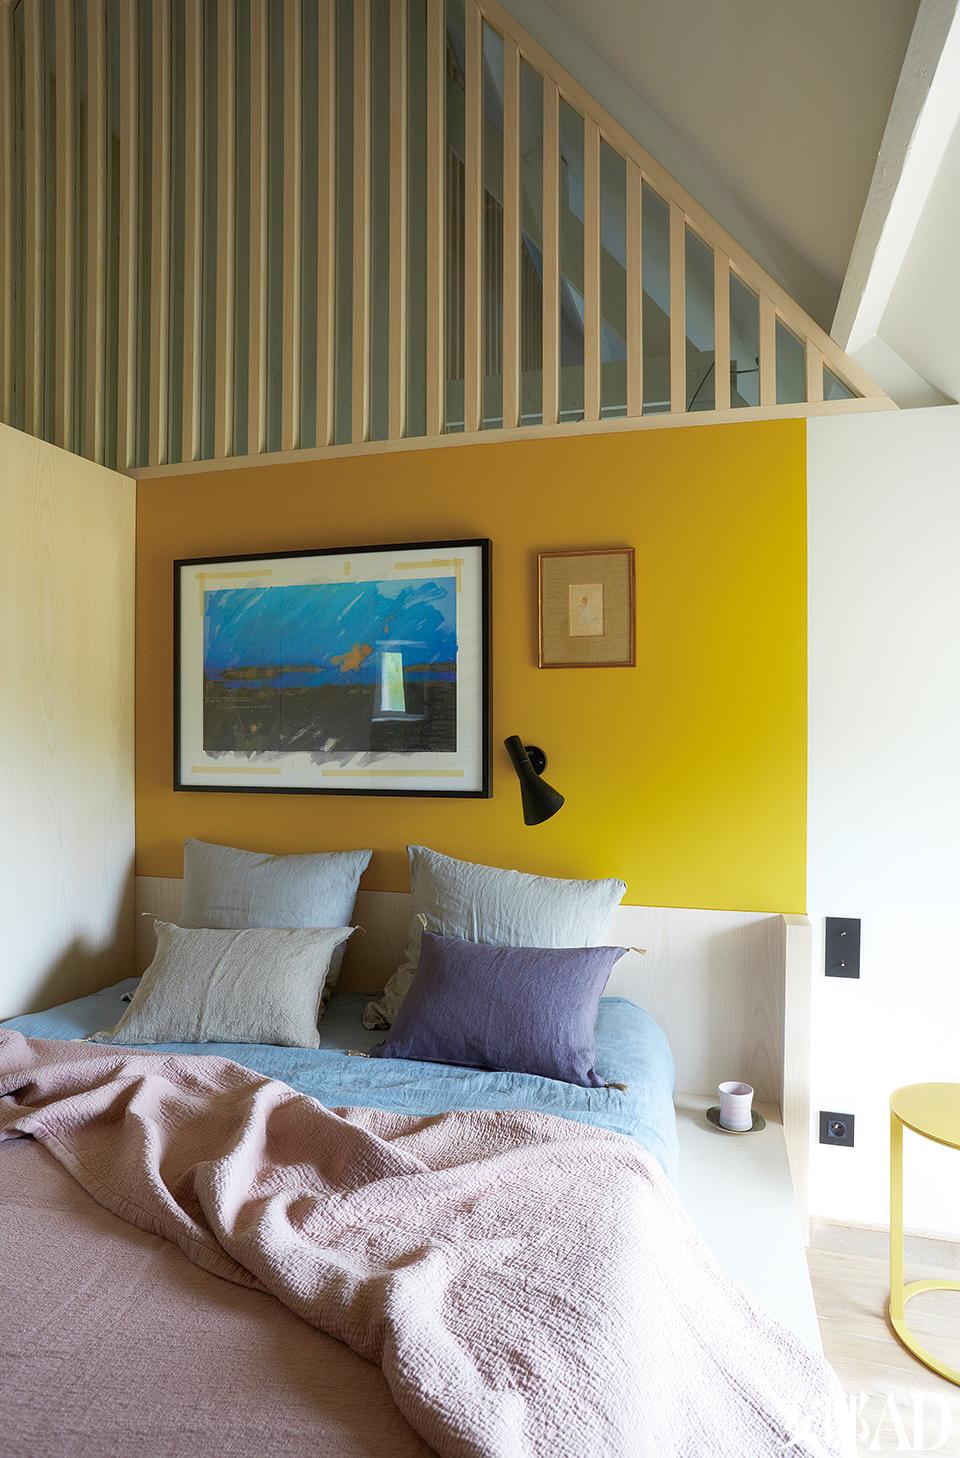 近屋顶的木格栅覆盖着玻璃罩,让自然光线得以充满整个房间,又与隔壁的儿童房相互隔音。主卧室中,床头墙面喷涂了明亮的黄色,上方的木质格栅覆盖着玻璃。定制大床上的床品和靠垫来自Caravane,购自Saint-Malo的La Maison Générale。床边AntonioCitterio设计的边桌Frank来自B&BItalia,壁灯AJ50是Arne Jacobsen的作品,由Louis Poulsen出品,墙上的油画同样来自主人Guillaume。